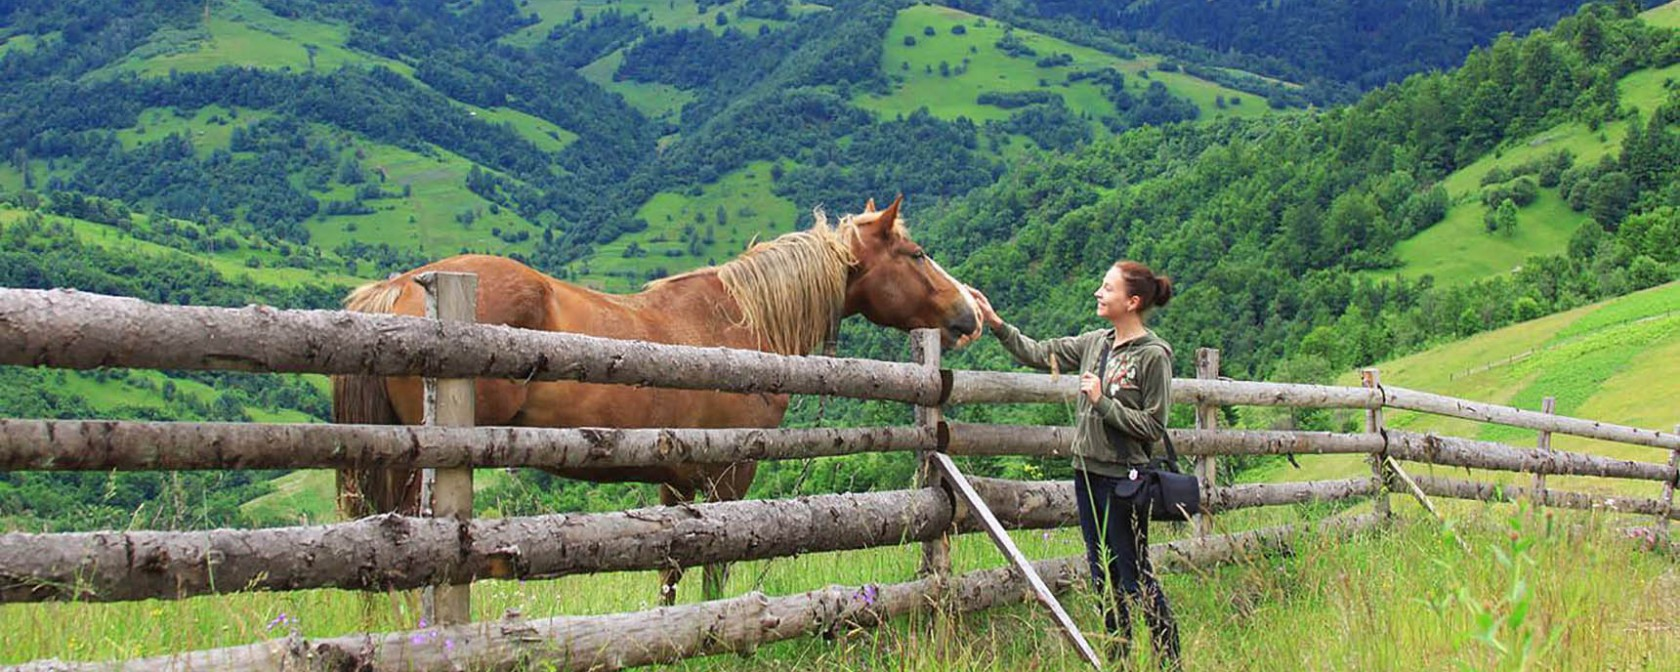 Девушка с лошадью в горах